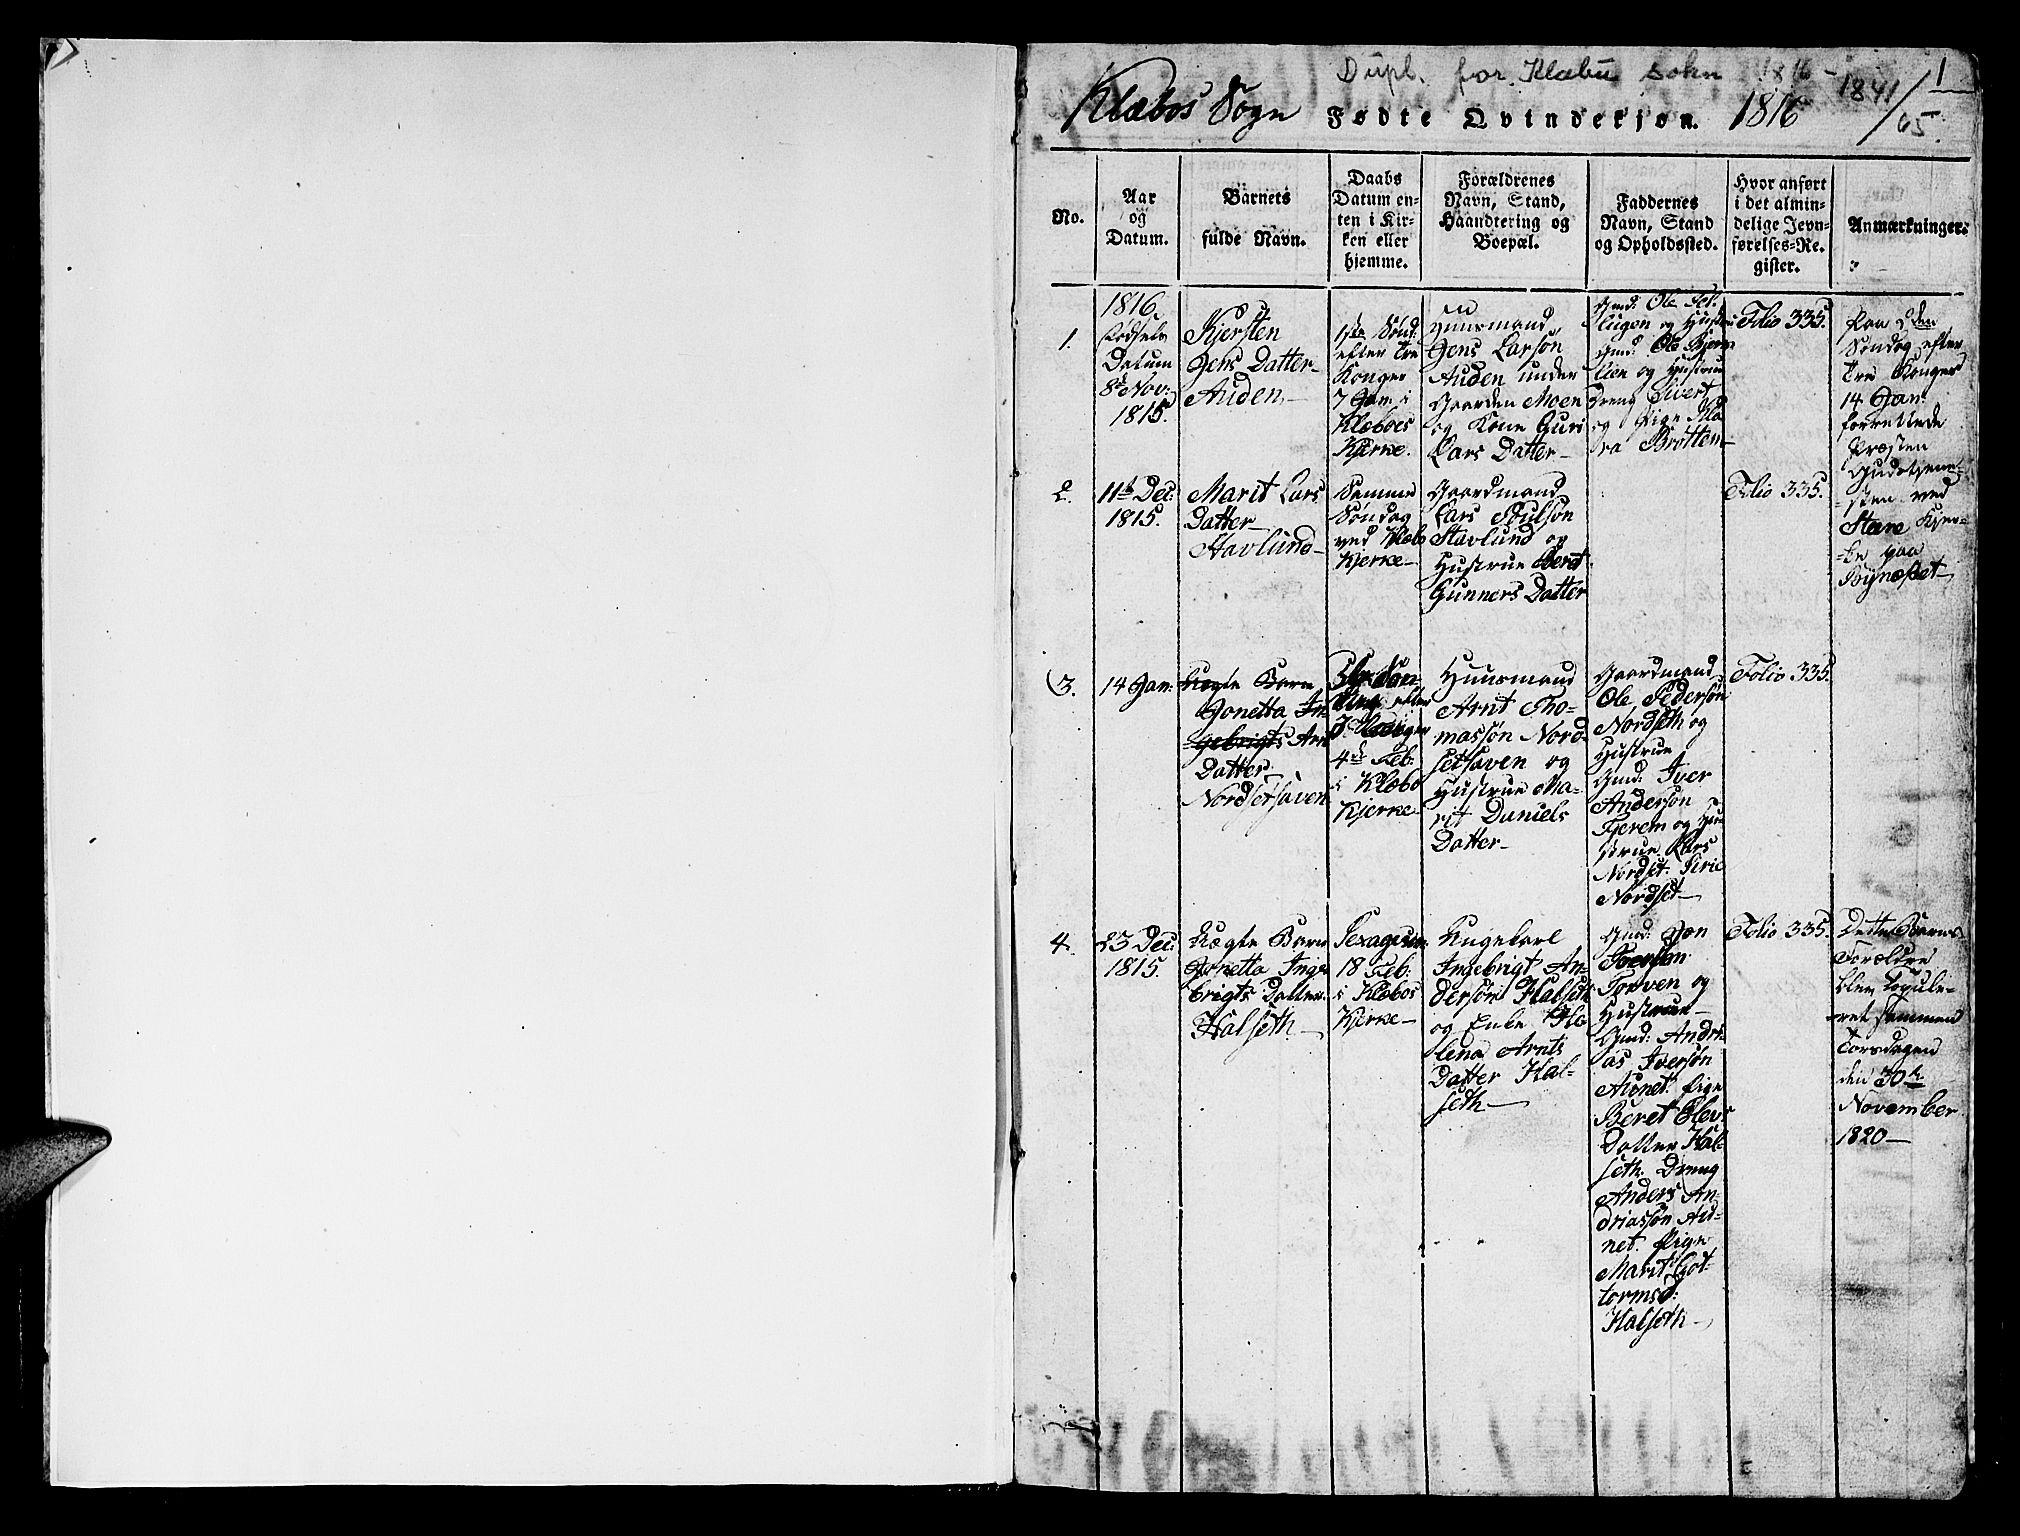 SAT, Ministerialprotokoller, klokkerbøker og fødselsregistre - Sør-Trøndelag, 618/L0450: Klokkerbok nr. 618C01, 1816-1865, s. 1